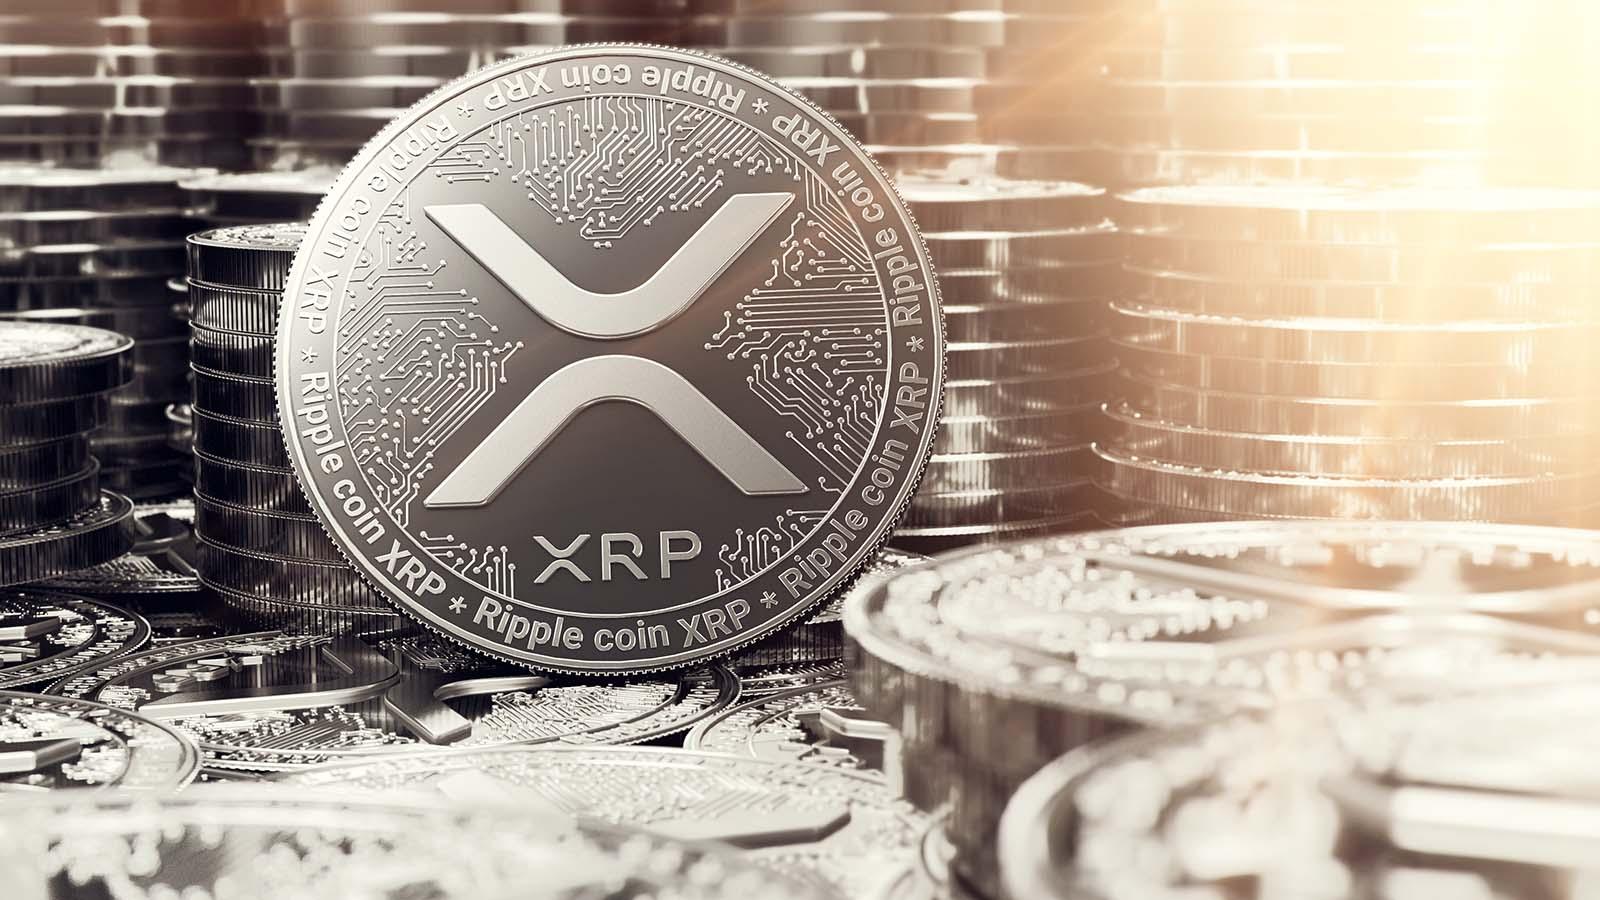 Predicciones de precios de XRP: ¿Qué tan alto puede llevar la nueva temporada de Altcoin a las criptomonedas XRP?